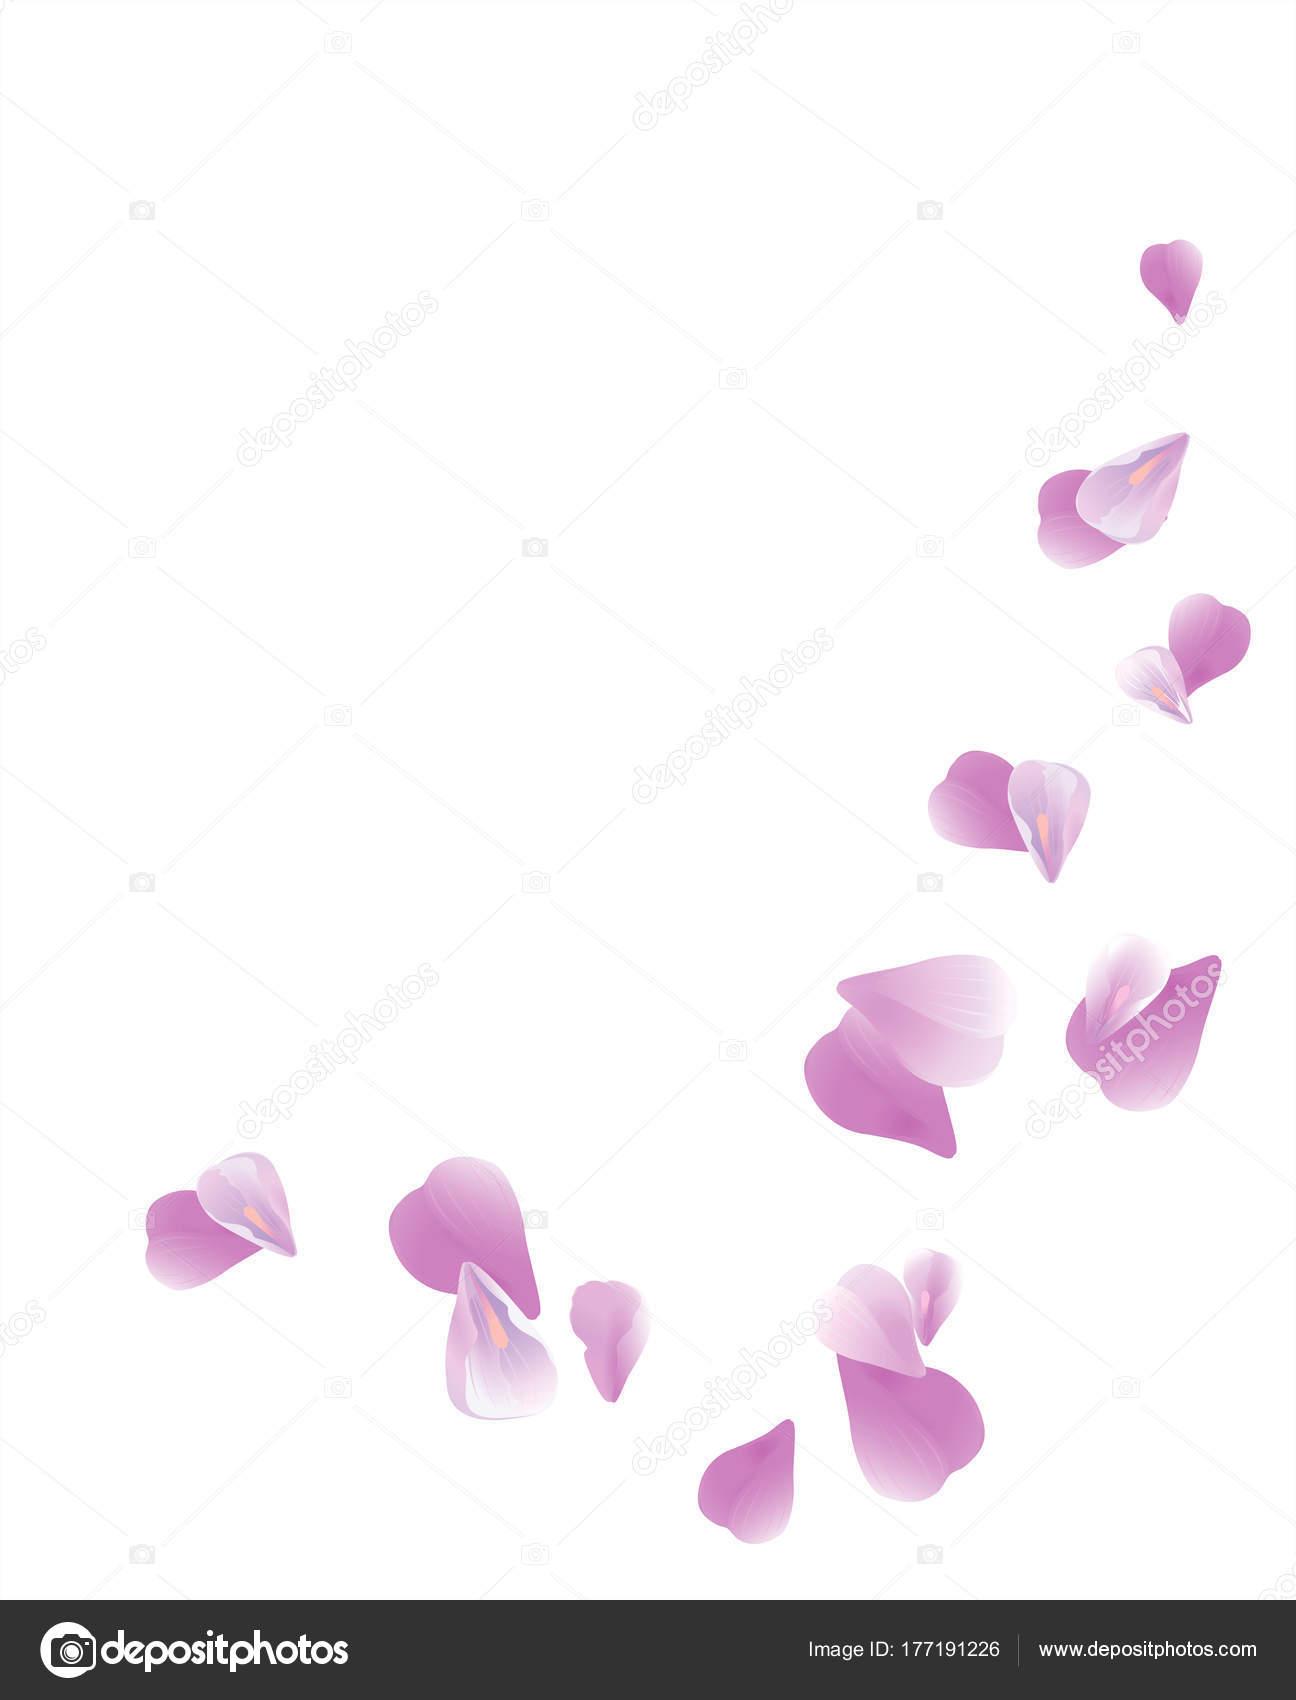 Petalos De Flores Volando Diseño Pétalos Fondo Flor Flores Pétalos